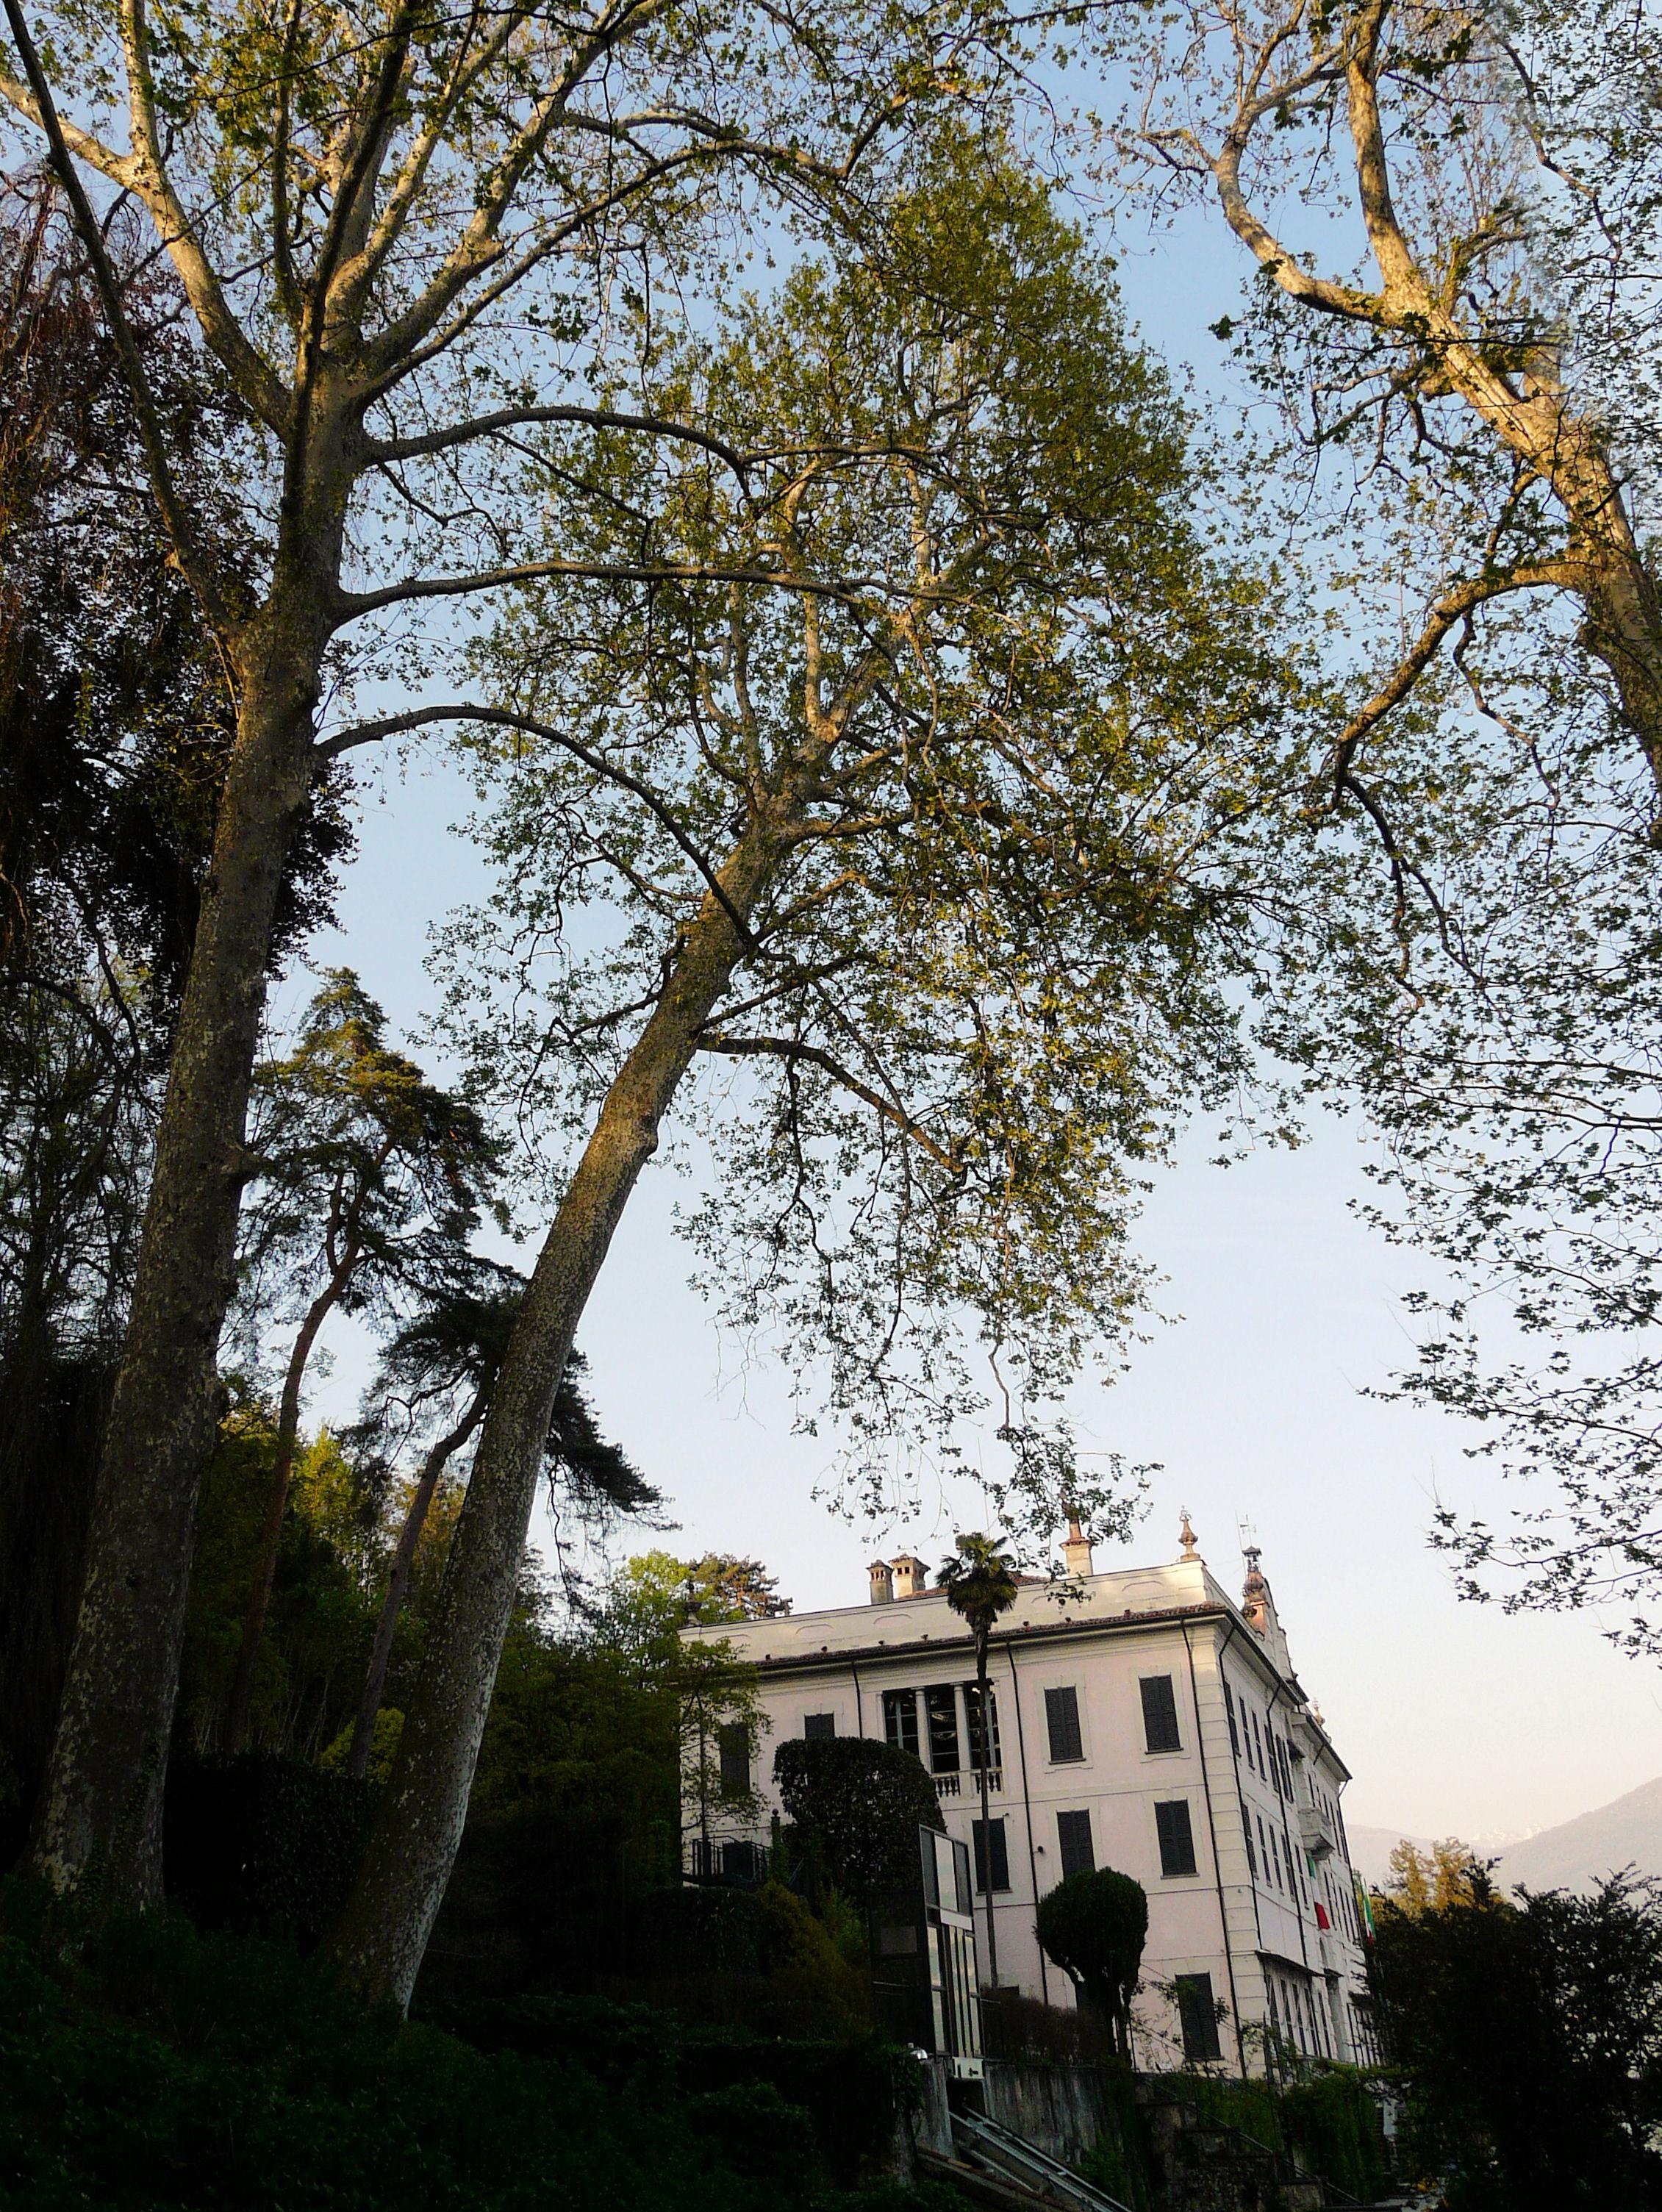 © Dipartimento di Scienze della Vita, Università degli Studi di Trieste<br>by Andrea Moro<br>Comune di Tremezzo, Giardini di Villa Carlotta, CO, Lombardia, Italia, 11/04/2011<br>Distributed under CC-BY-SA 4.0 license.